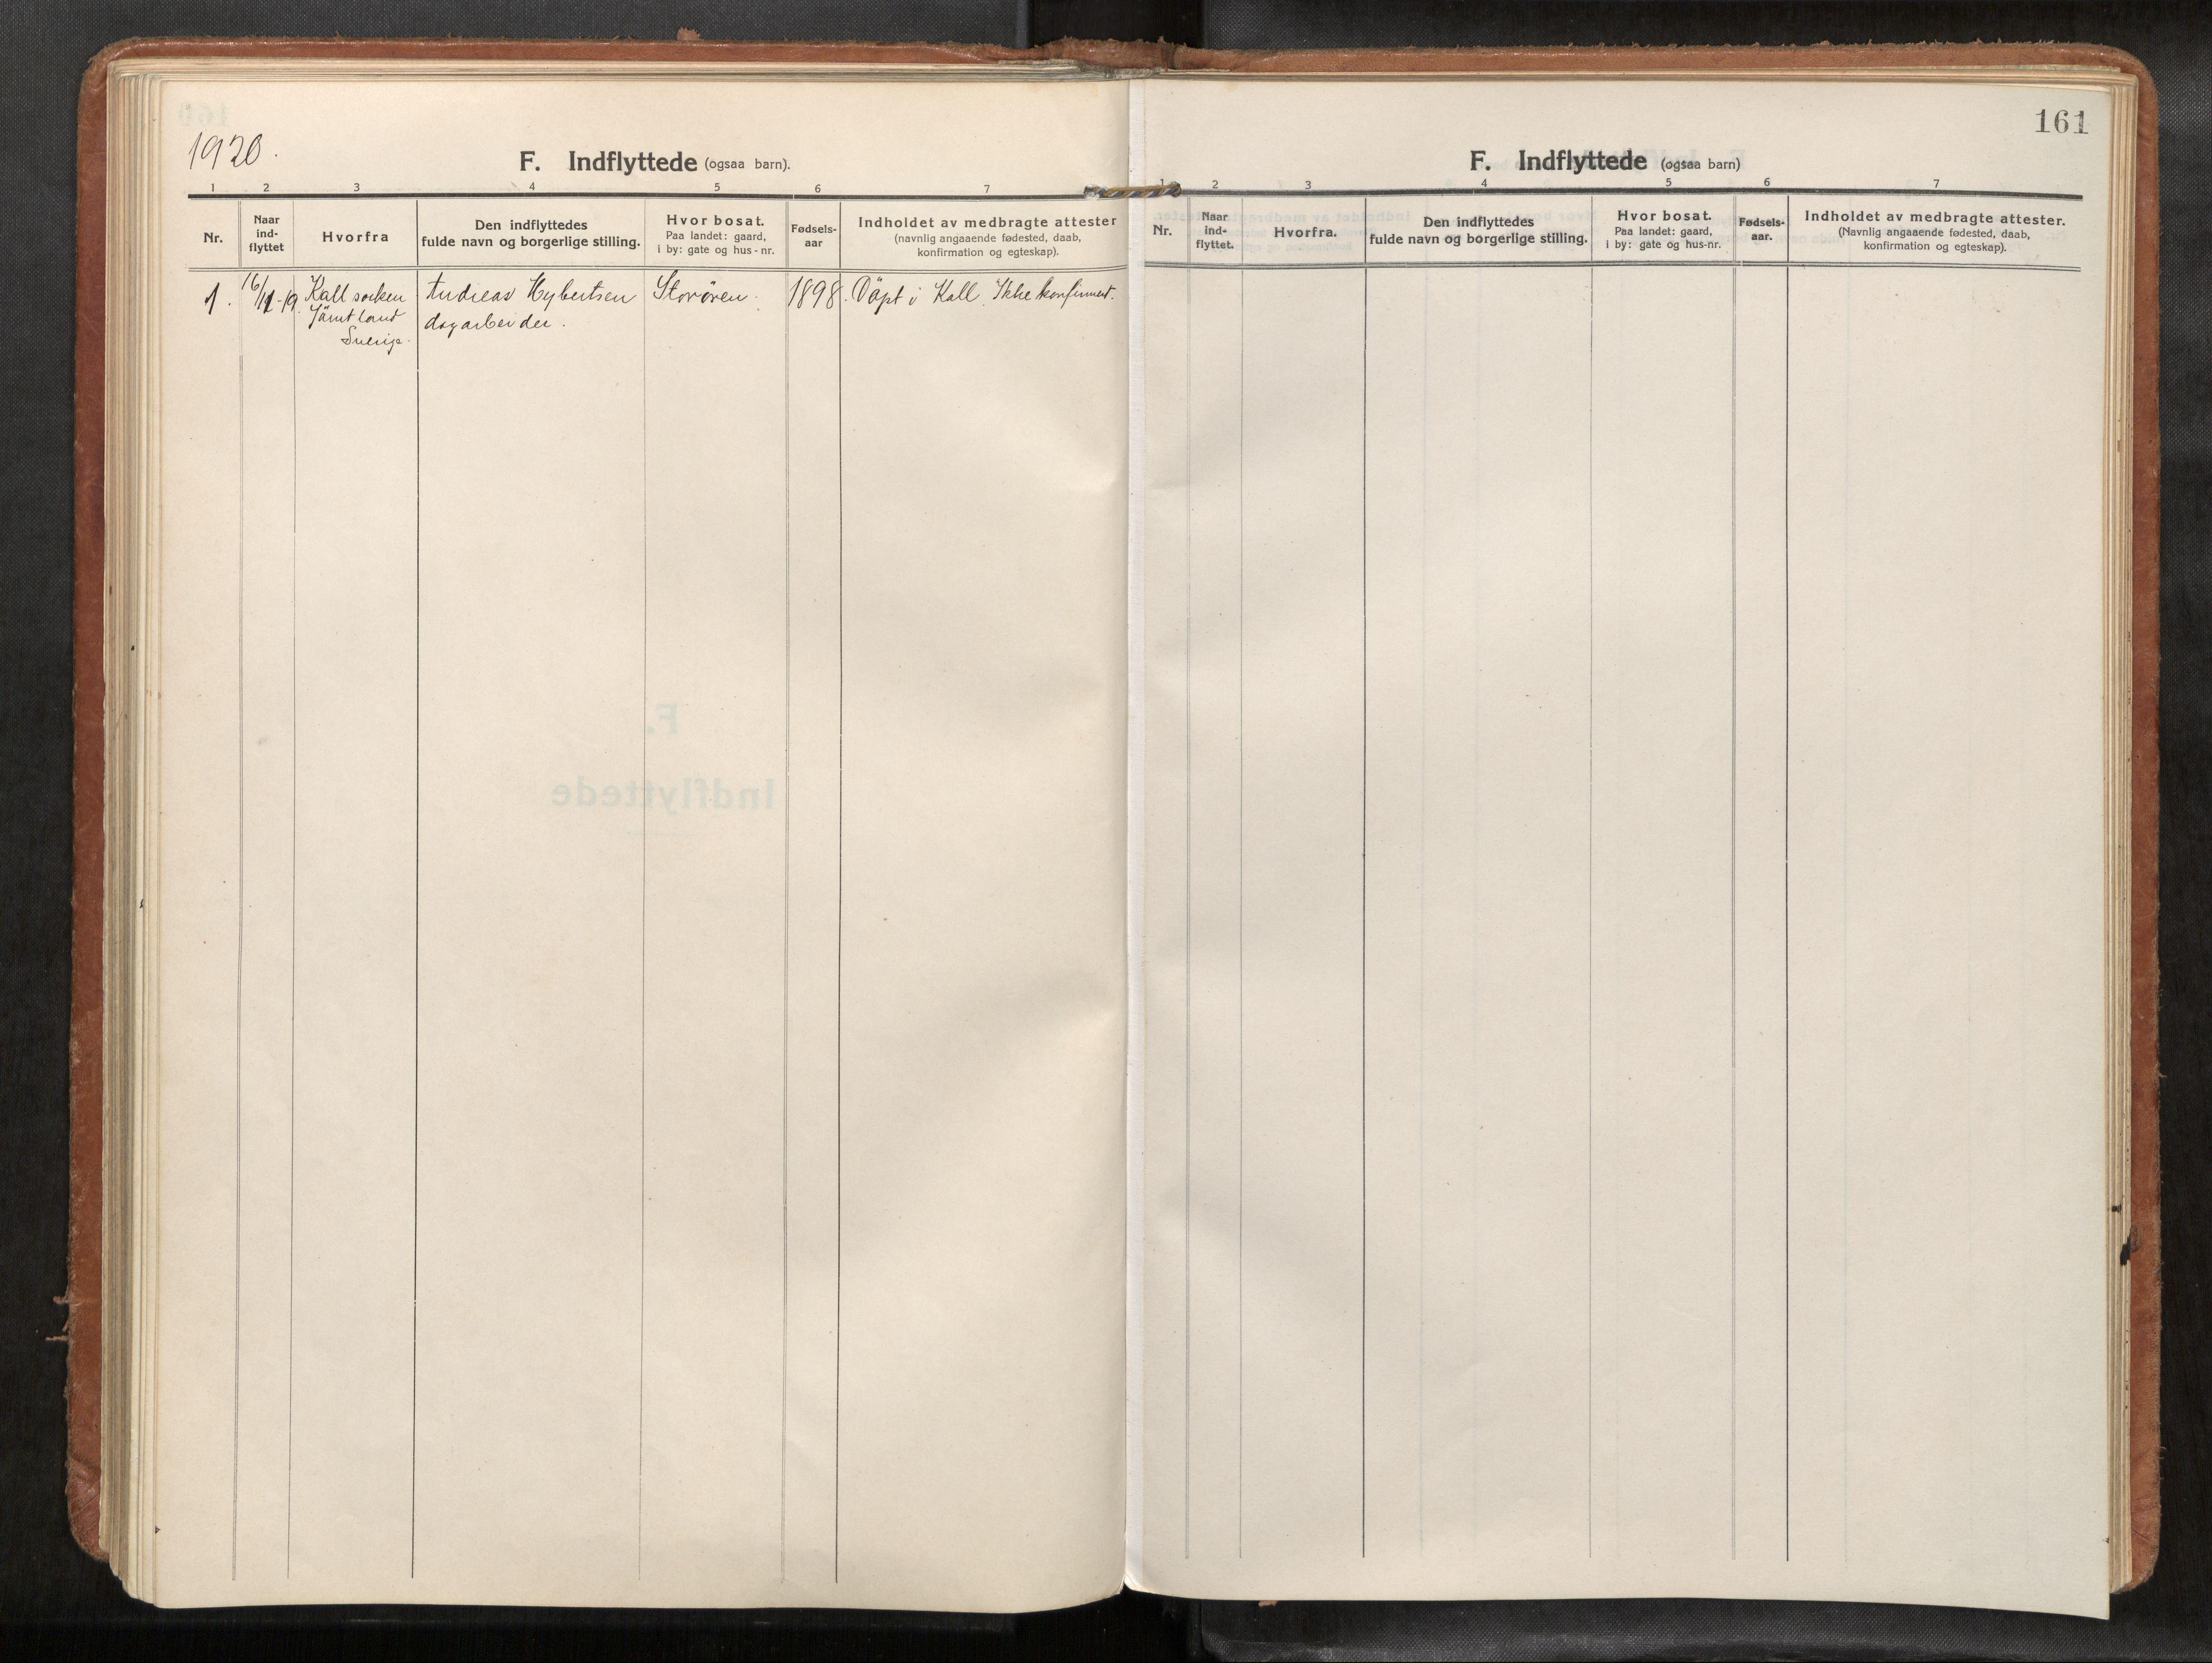 SAT, Verdal sokneprestkontor*, Parish register (official) no. 1, 1916-1928, p. 161